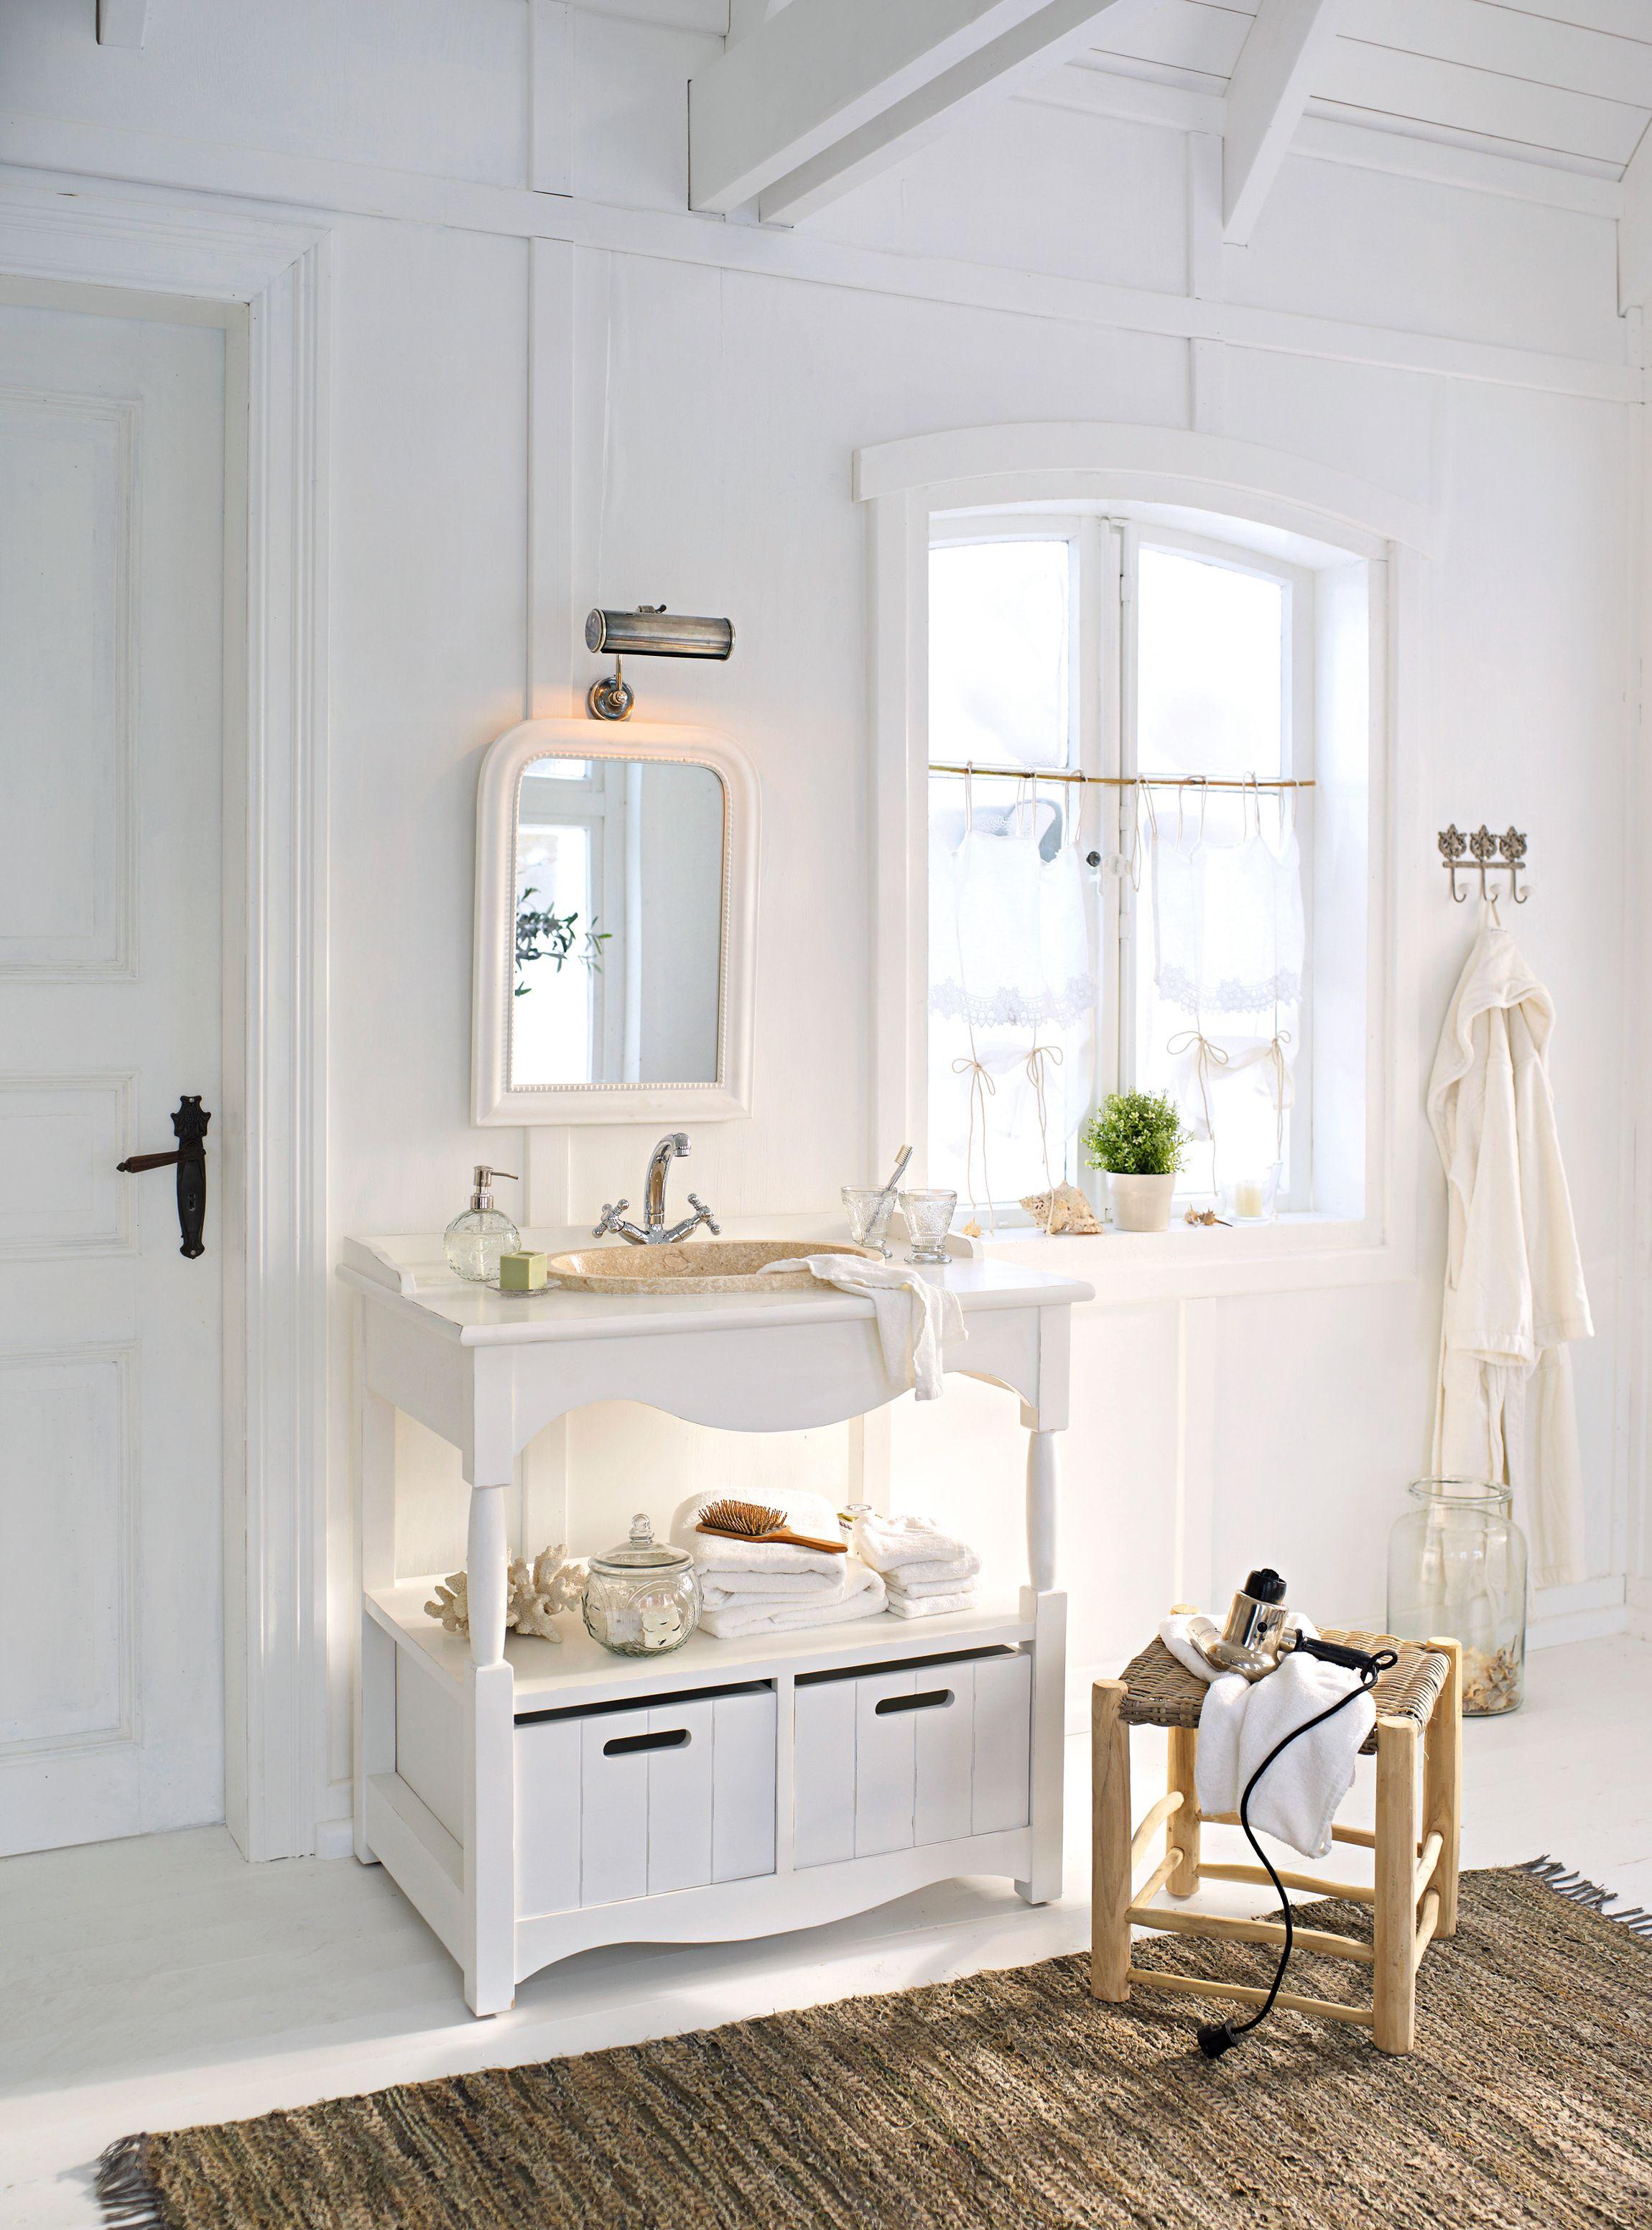 Holz Hocker In Japan Design Badezimmer Hocker Zimmer